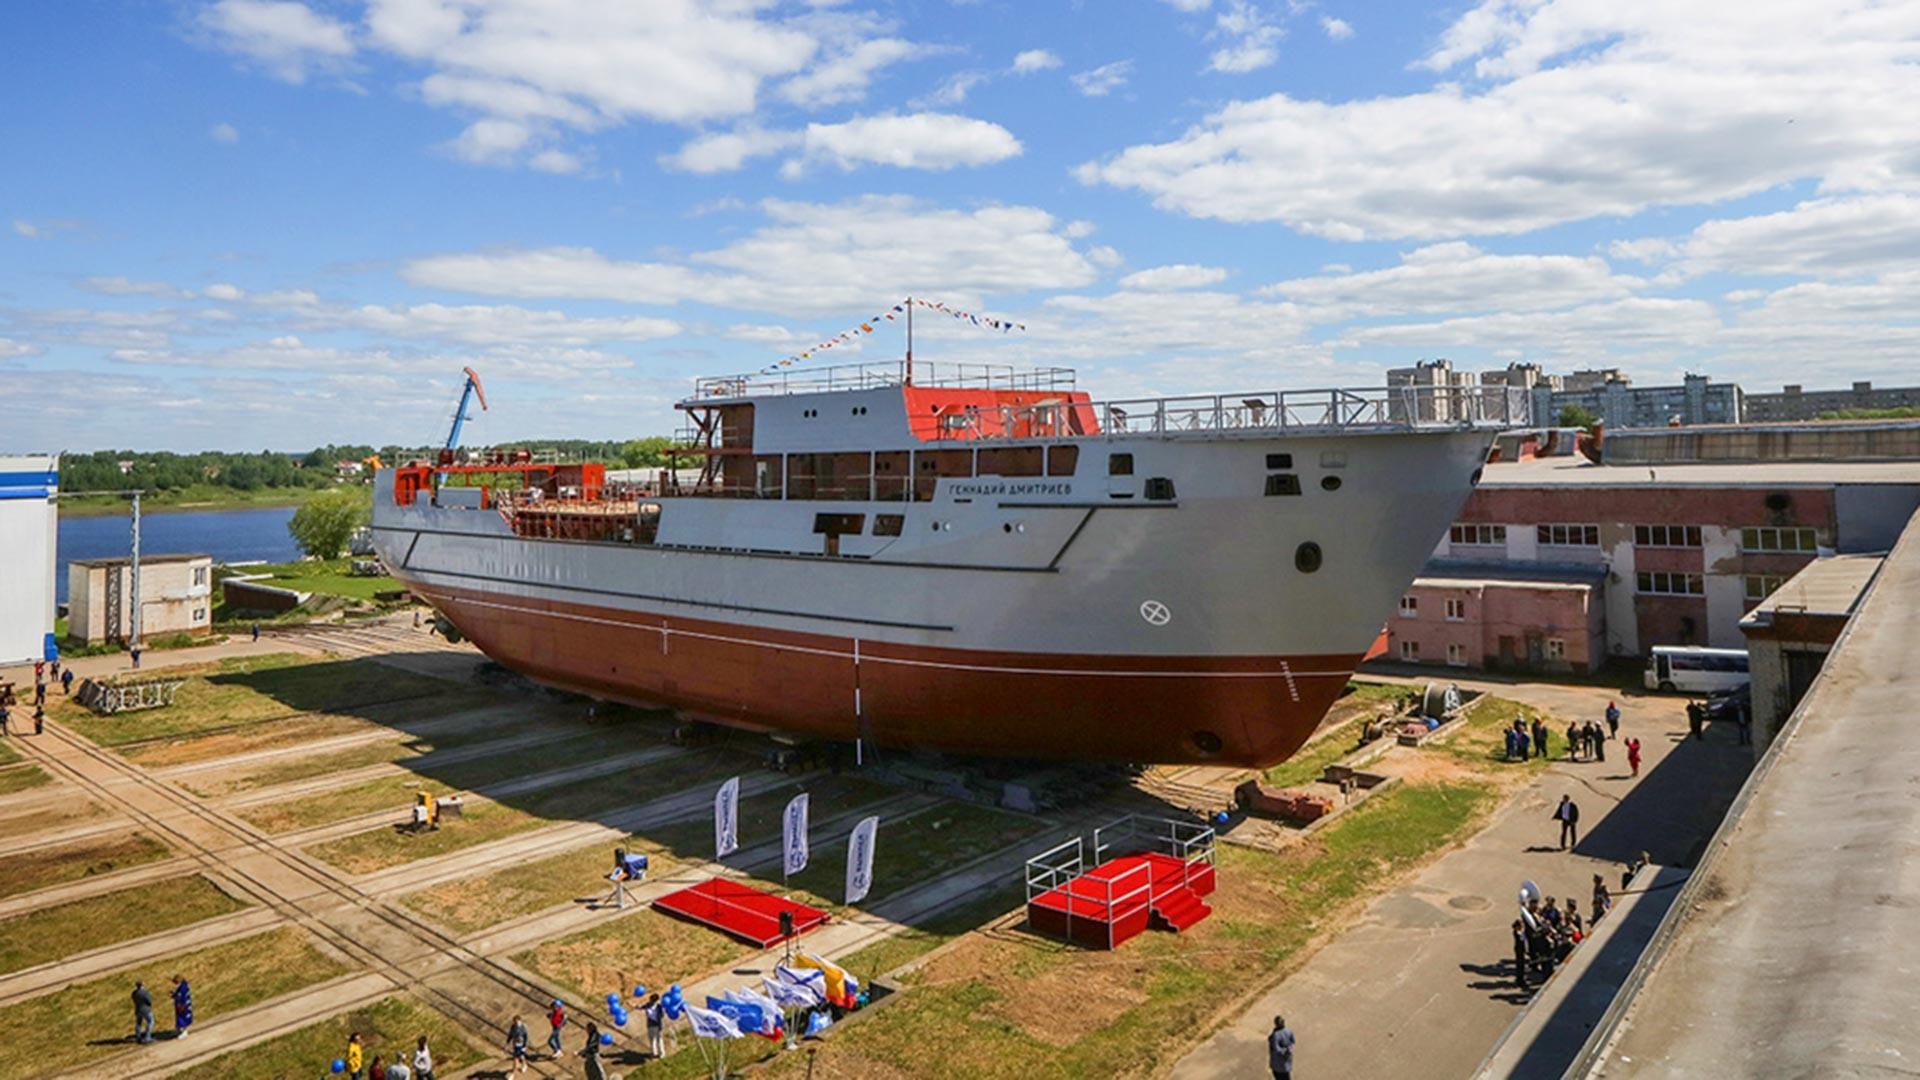 """Во бродоградилиштето """"Вимпел"""" на 1 јуни се одржа церемонија на спуштање во вода на поморскиот транспорт на вооружување – проектот 20360М, со фабрички број 01551 """"Генадиј Дмитриев"""". Тоа е најголемиот брод во историјата на претпријатието. Моменталната тежина на трупот на бродот е 2200 тони."""